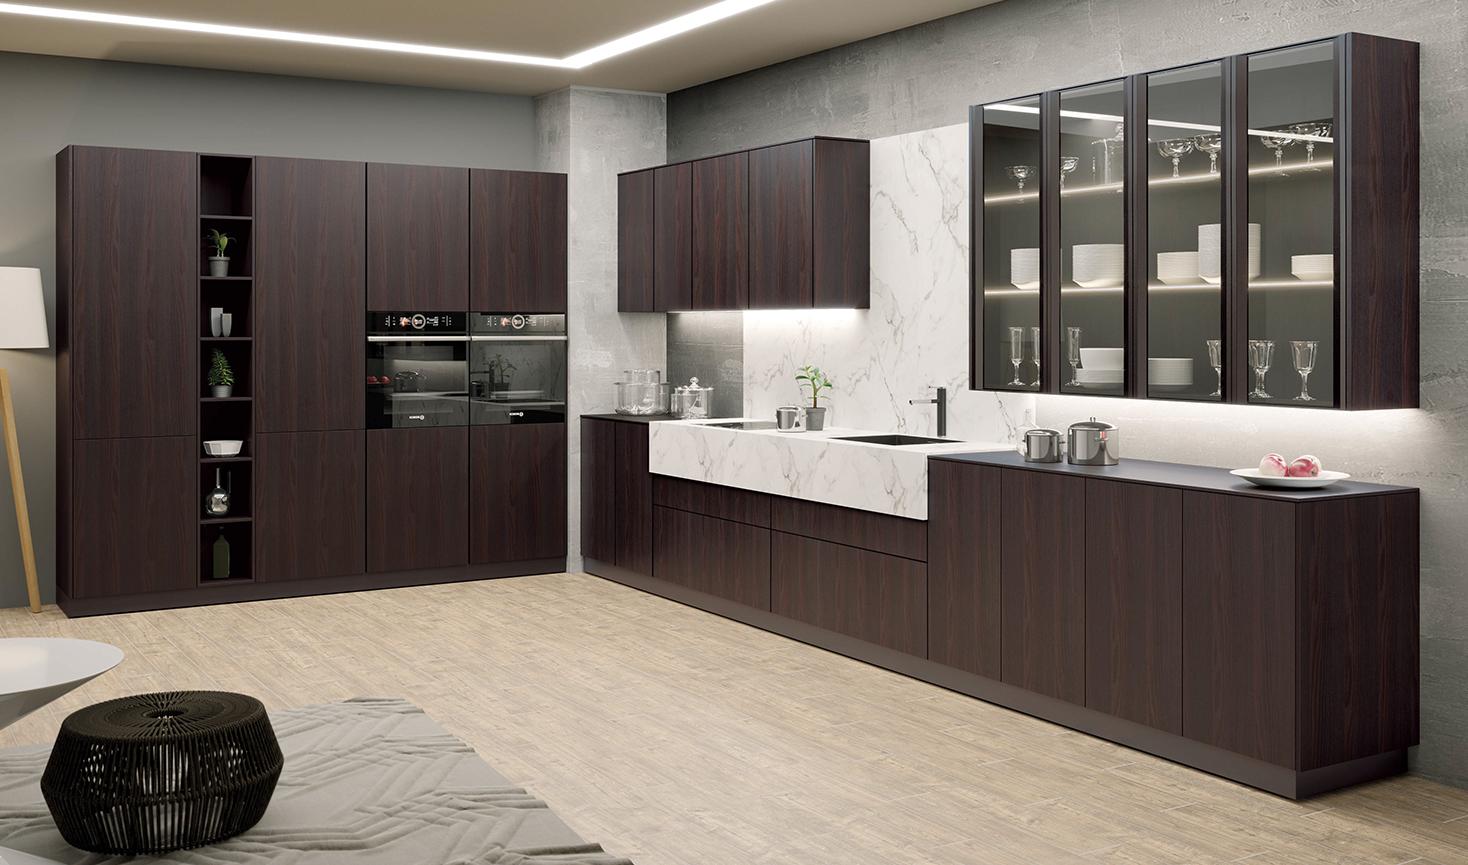 Muebles de cocina en La Rioja-KitchenTime28